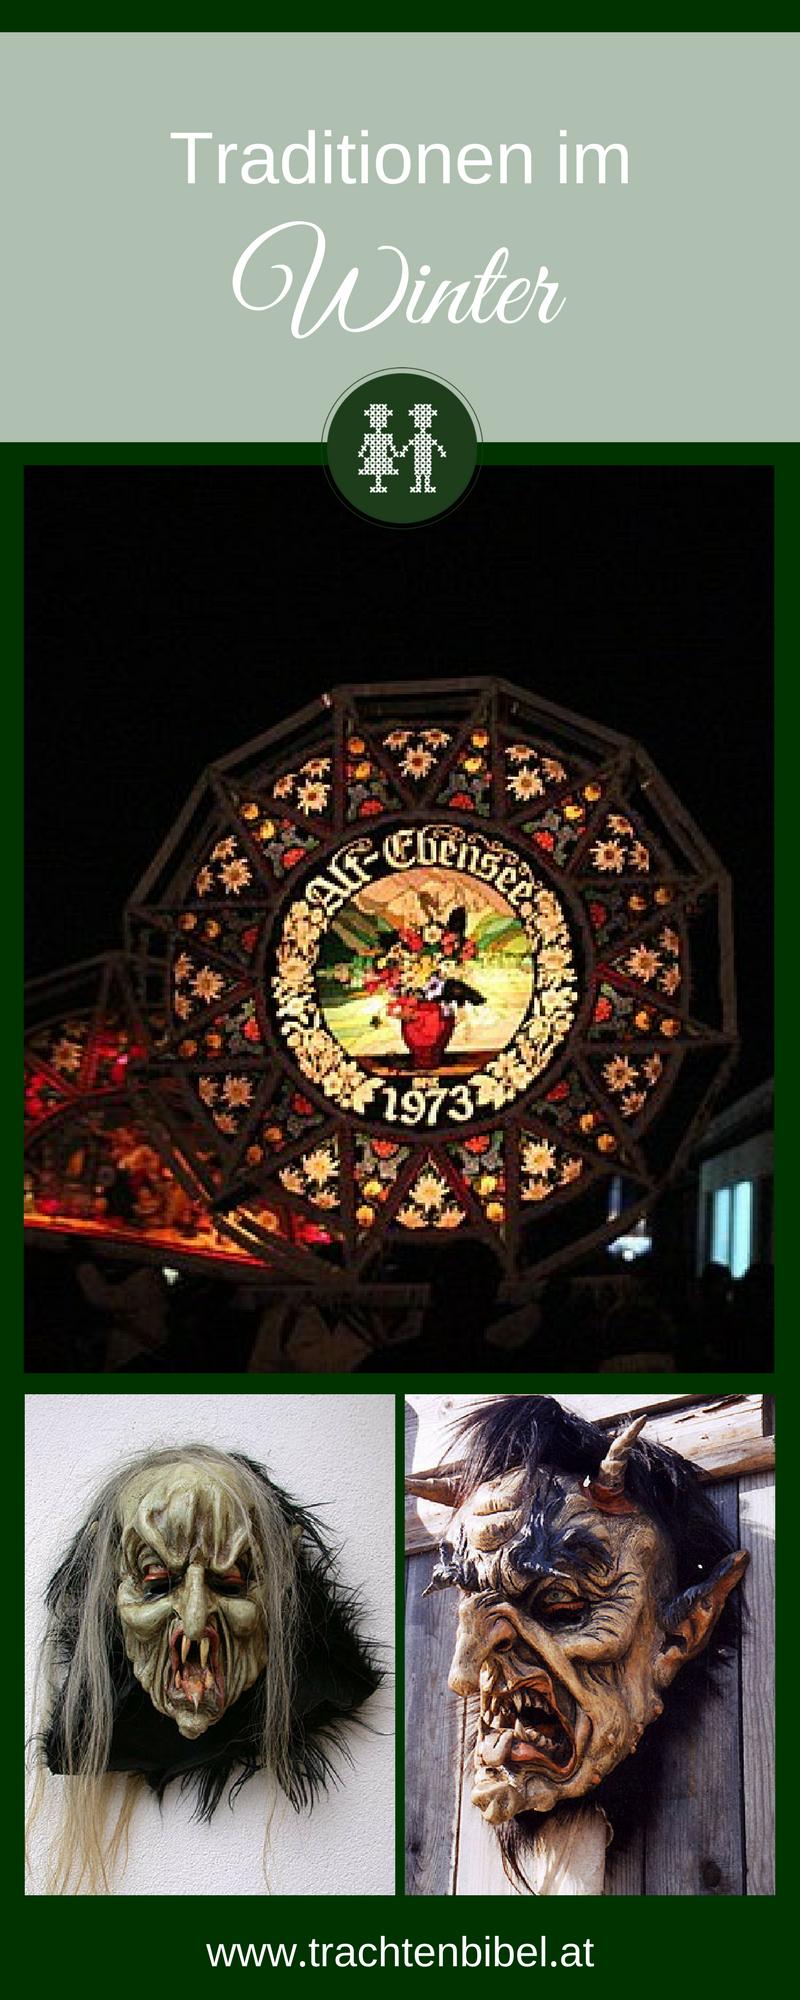 Der Winter und gerade die Vorweihnachtszeit sind voll von vielen schönen Traditionen. Lesen Sie hier über die Perchten vom Herrgottschnitzer, die Klöpflnächte & die Glöckler.